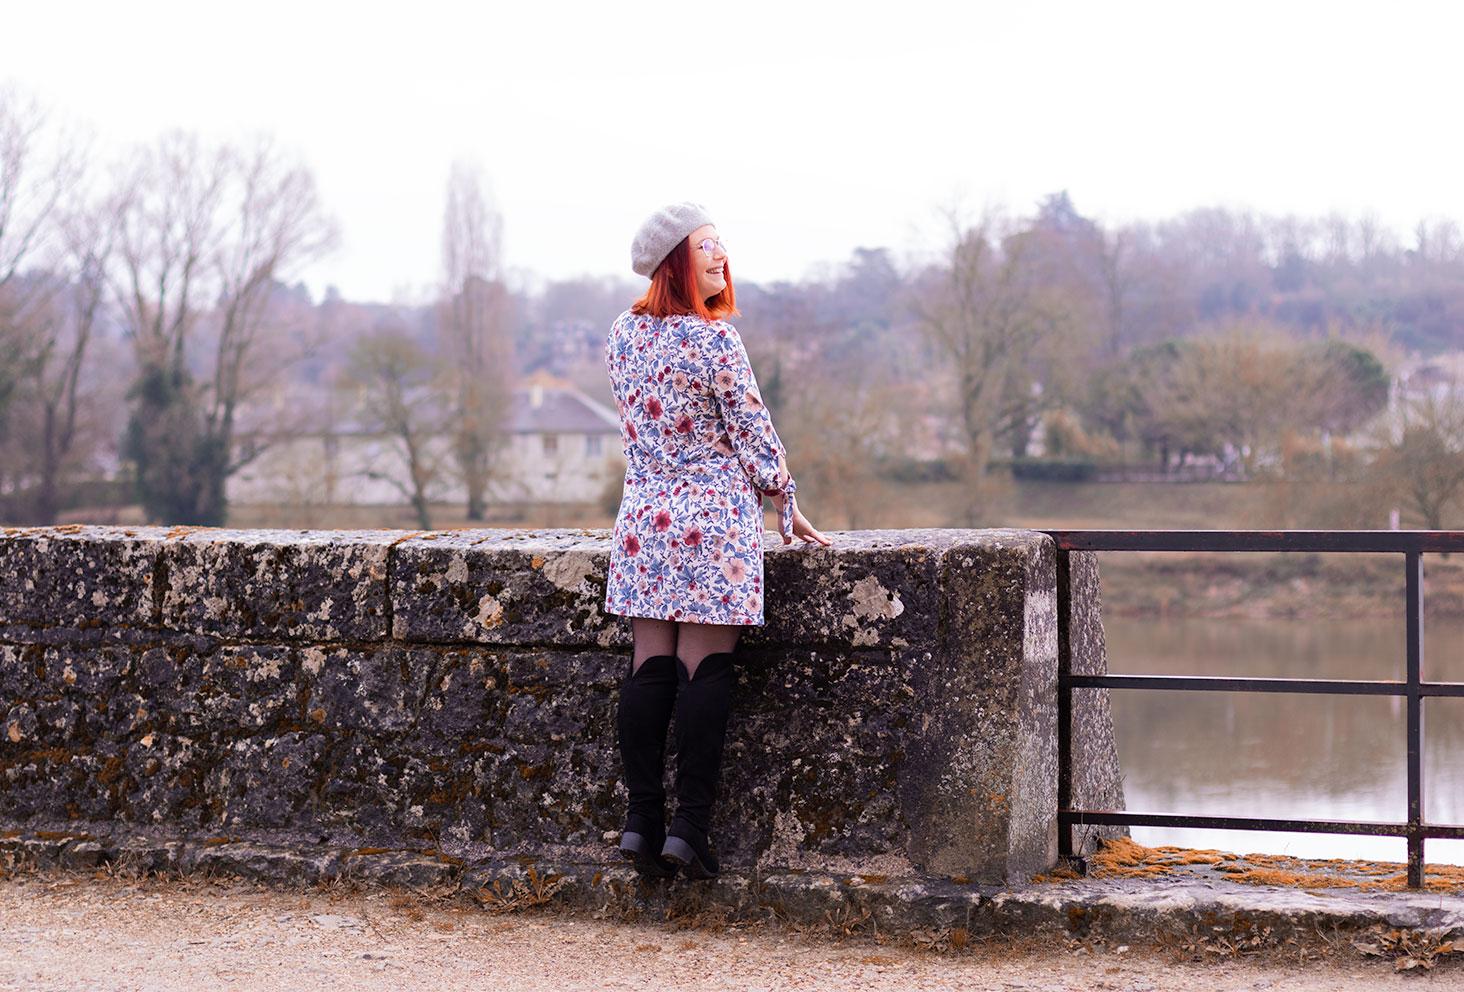 Devant la Loire en robe à fleurs roses et cuissardes, à regarder le paysage d'Amboise